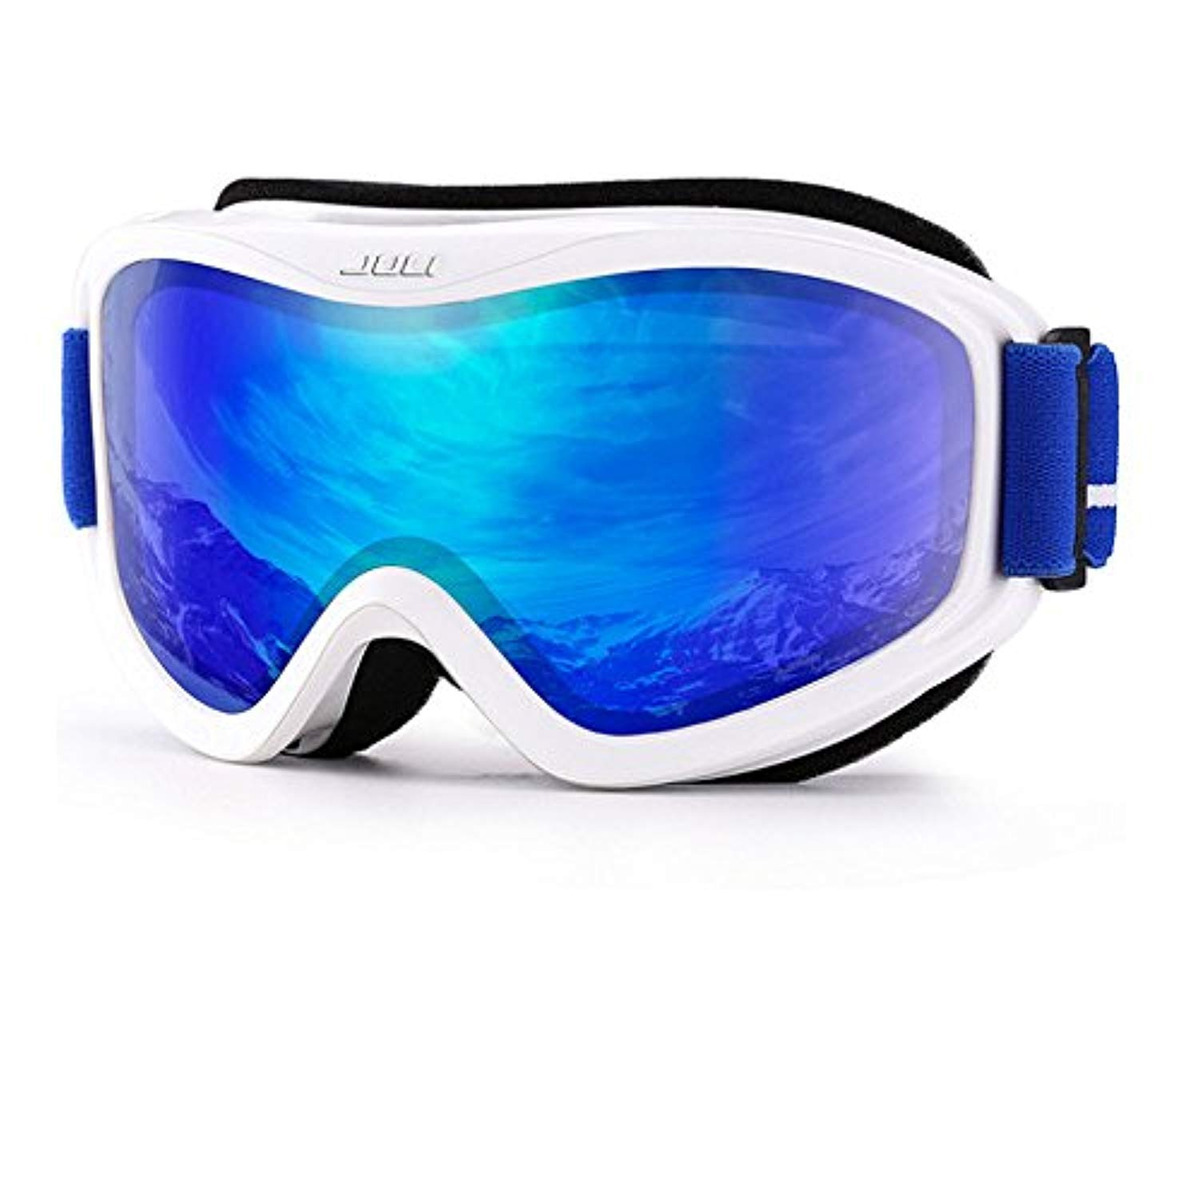 33c250220f gafas de esquí snowboard invierno con antiempañamiento. Cargando zoom.